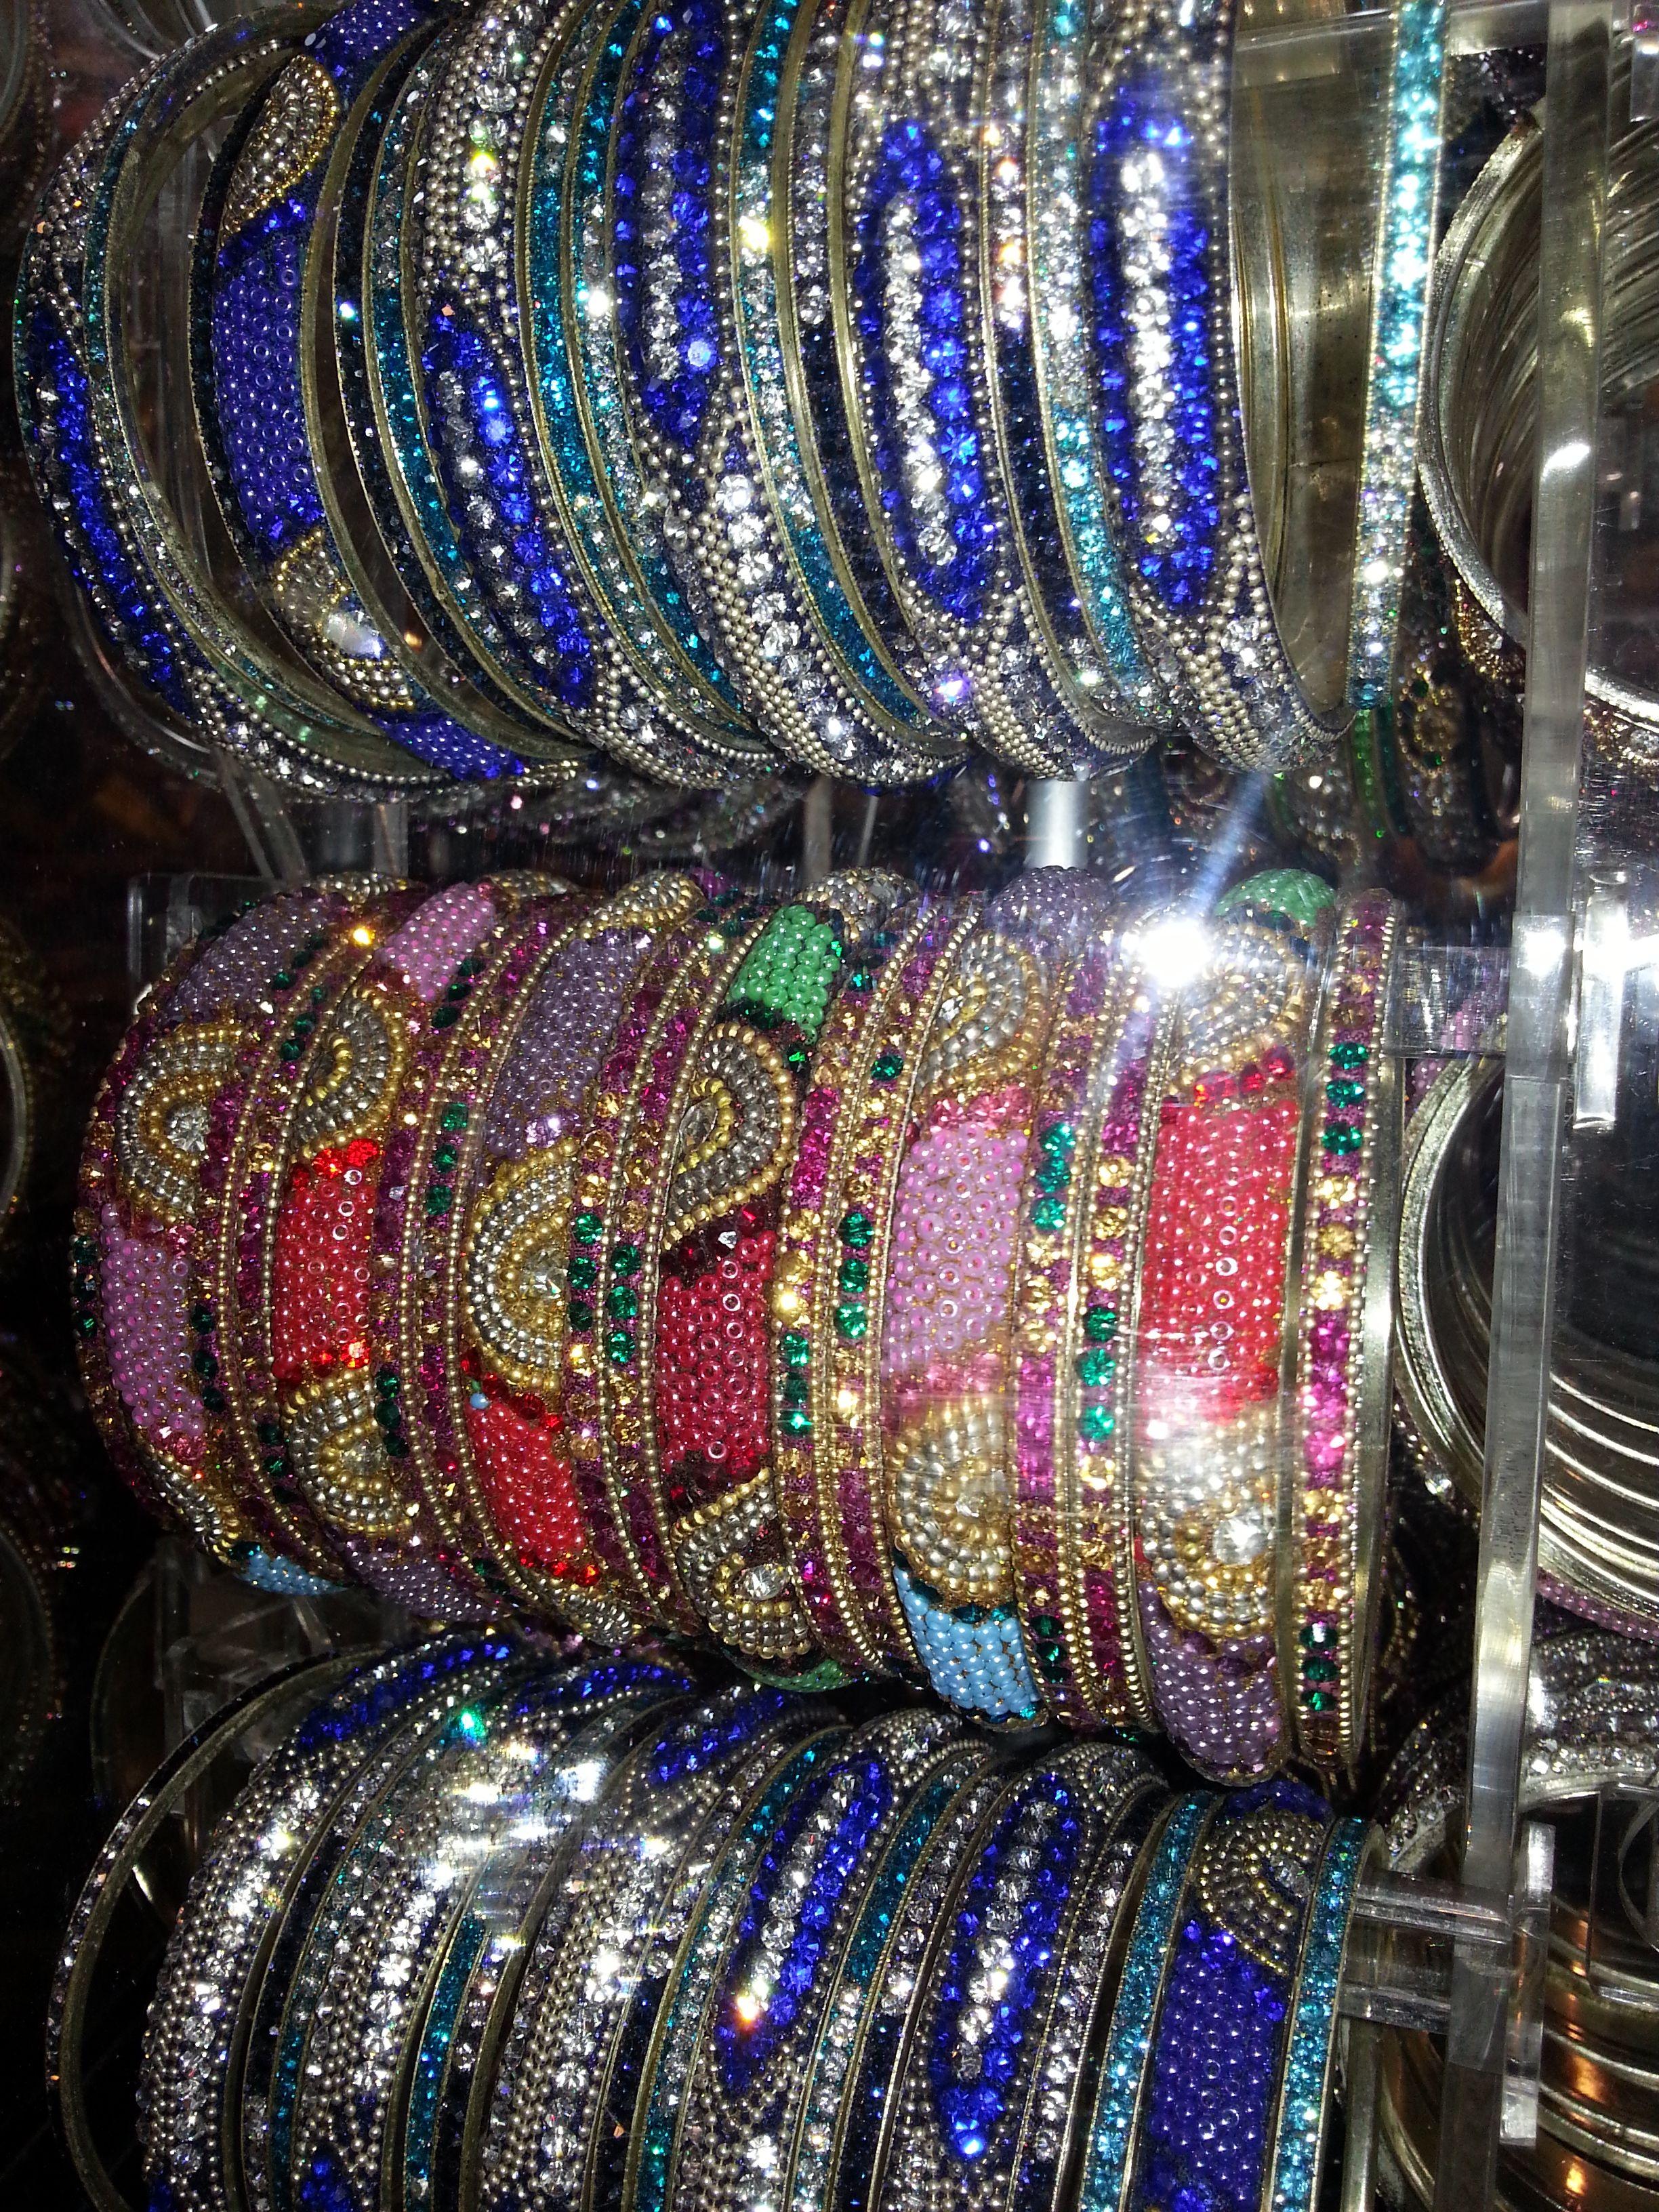 merveilleux bracelets indiens bollywood color s et. Black Bedroom Furniture Sets. Home Design Ideas